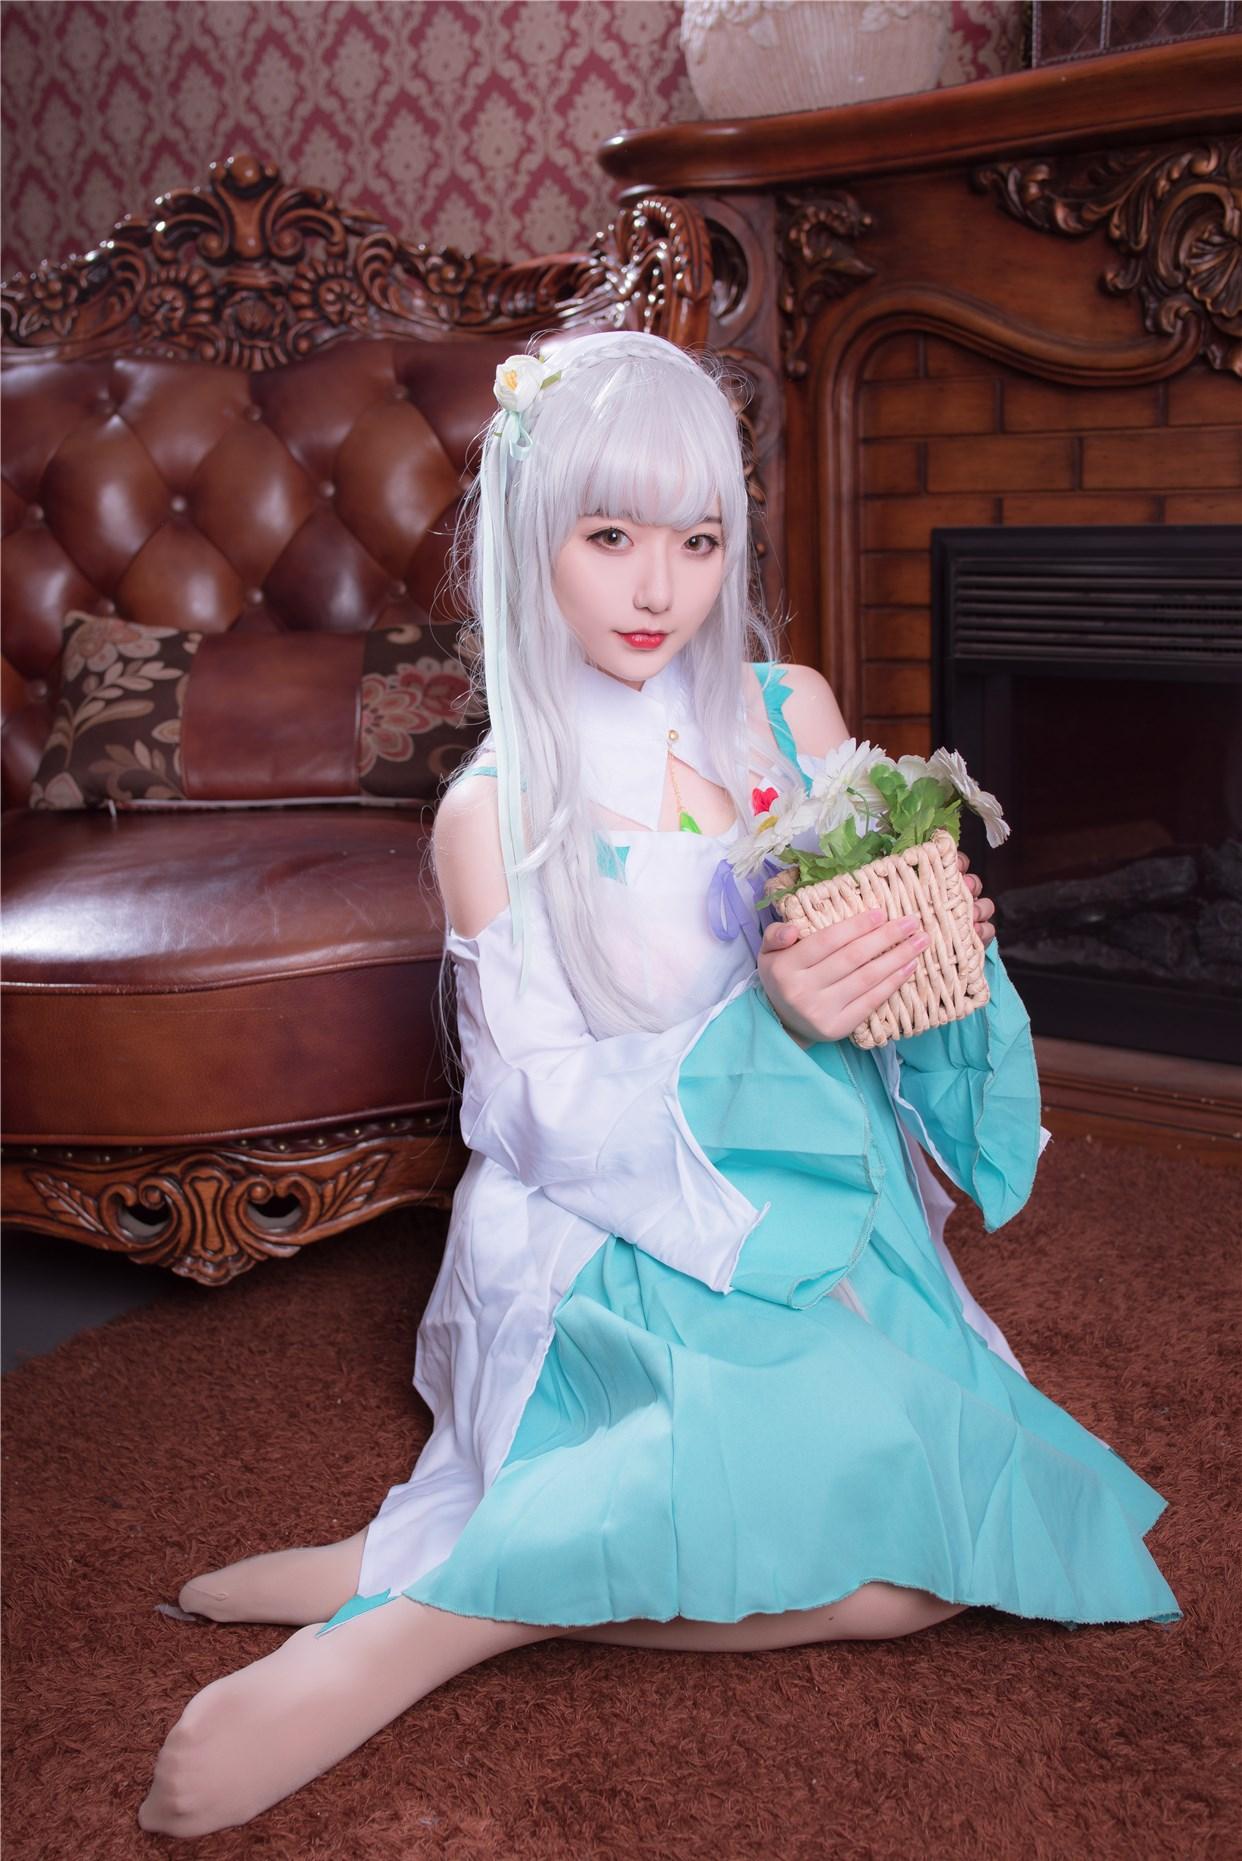 【兔玩映画】艾米莉亚的日常 兔玩映画 第15张